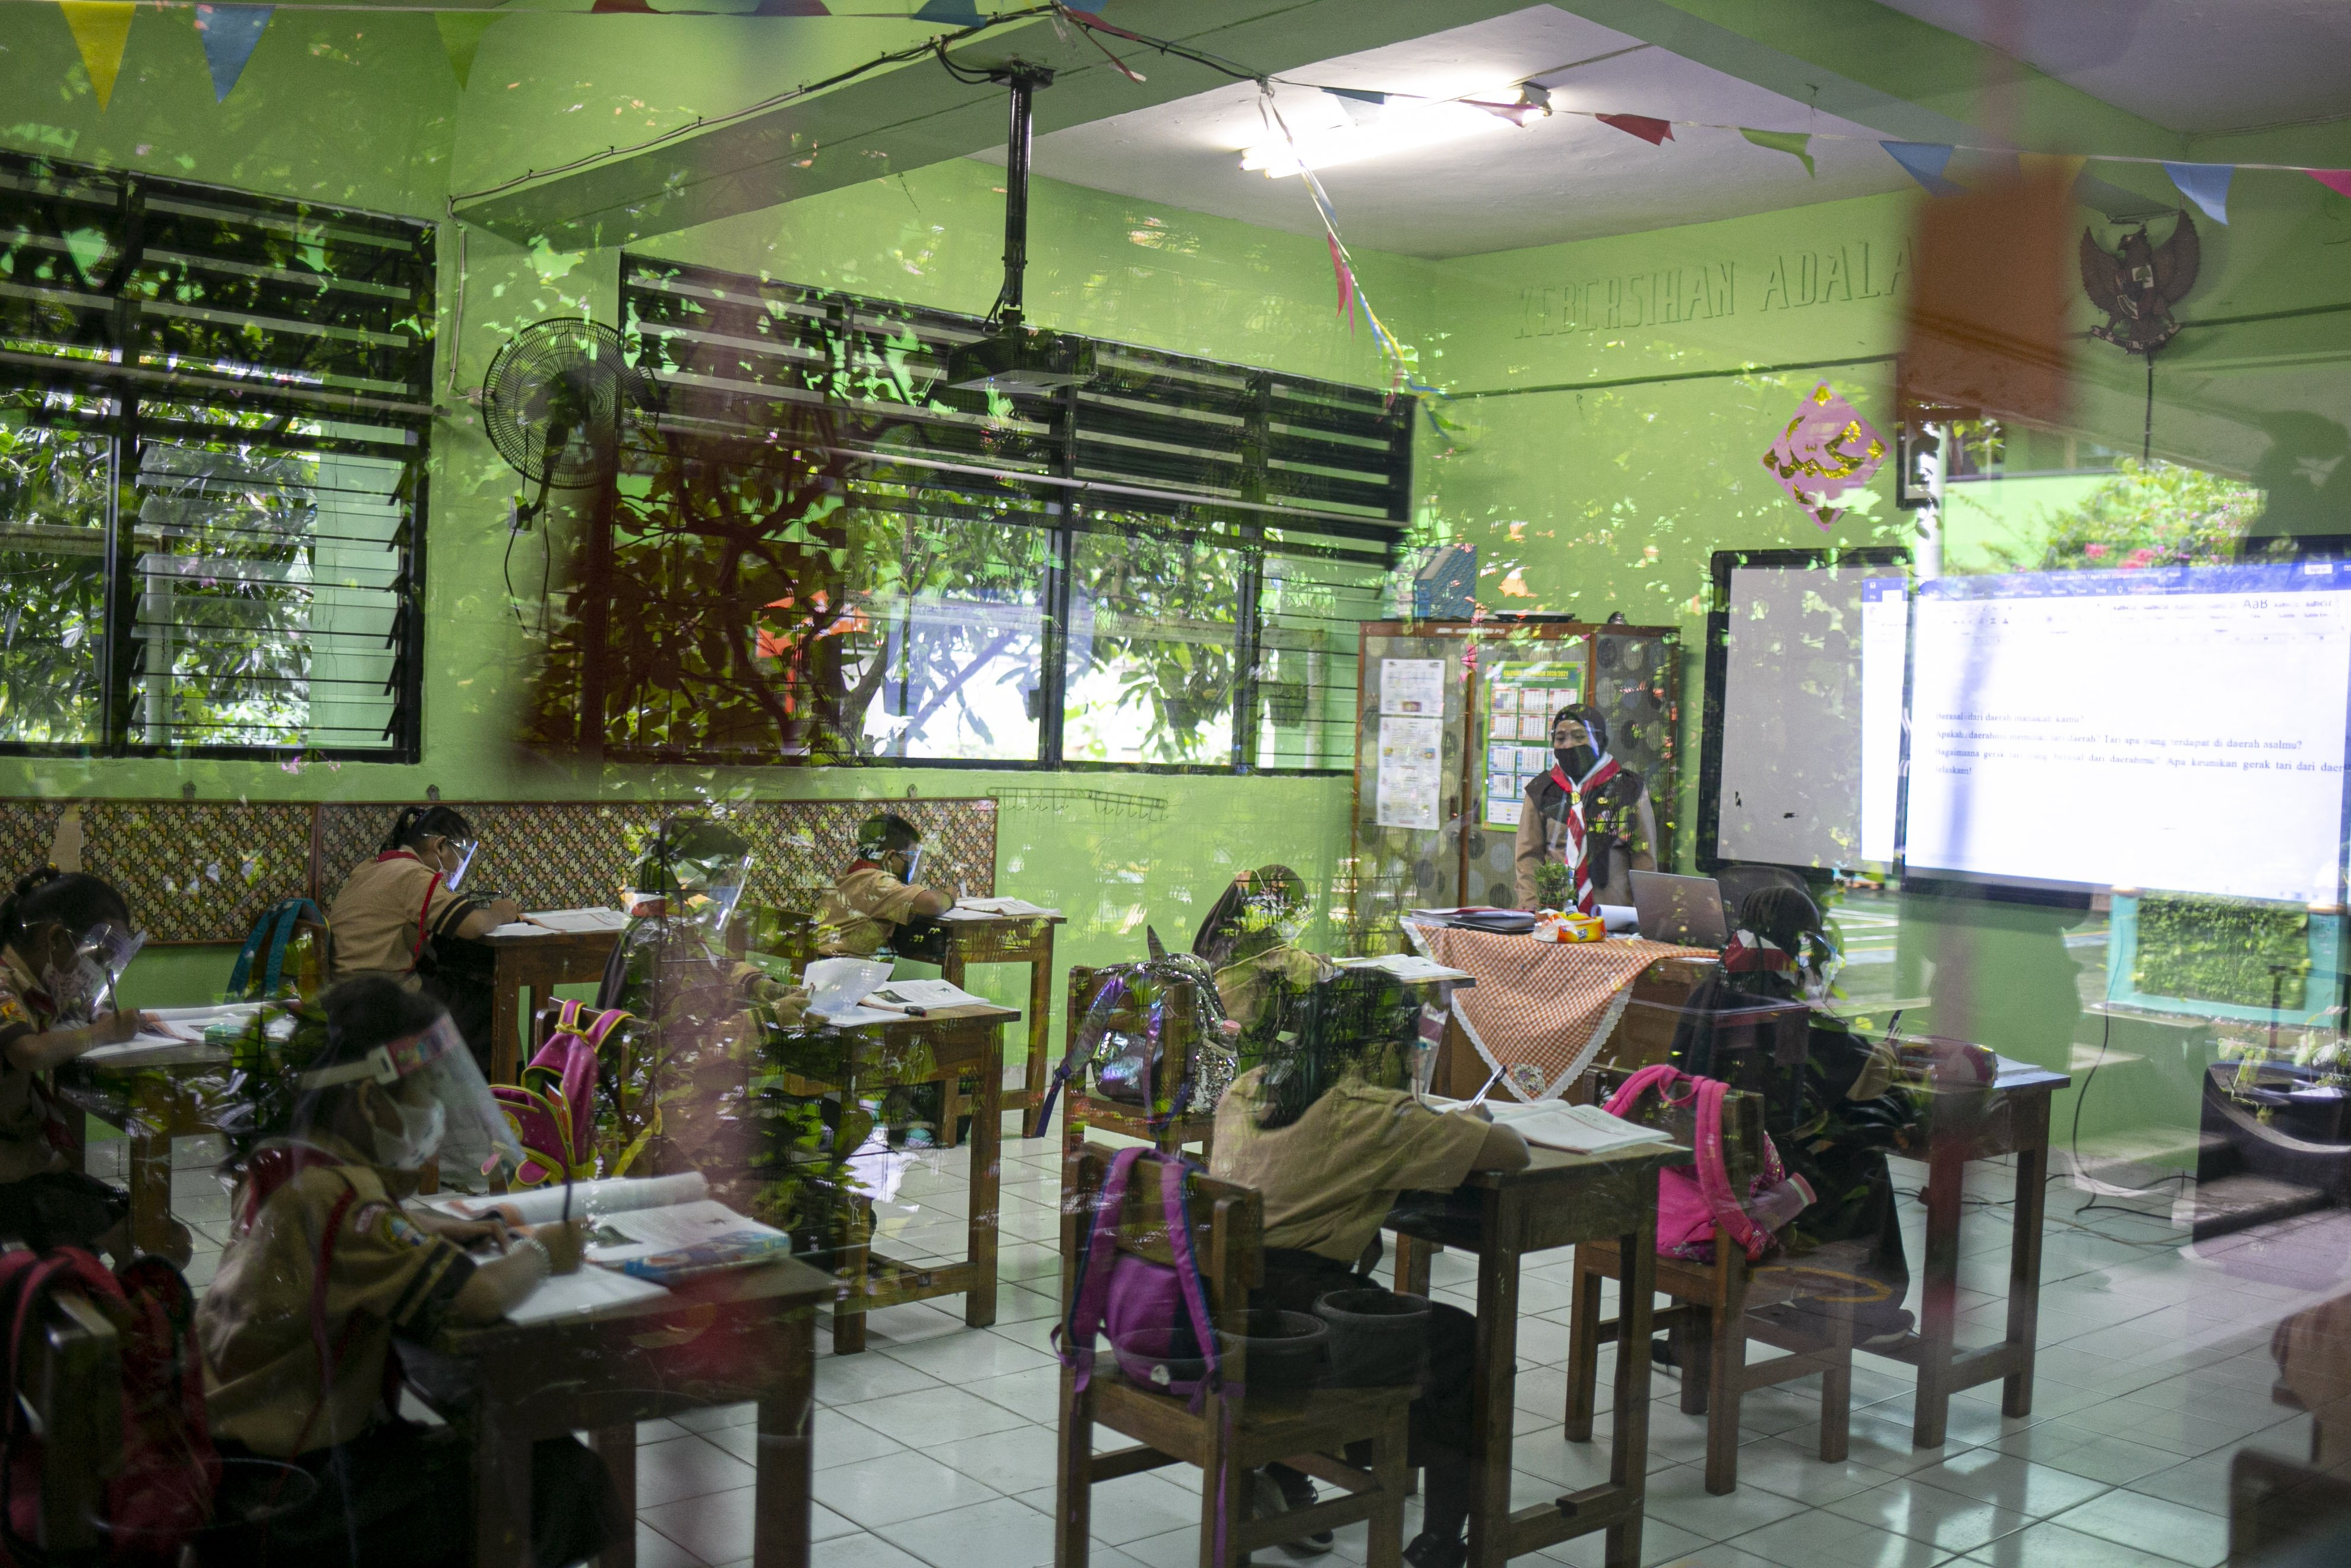 Sejumlah siswa mengikuti uji coba pembelajaran tatap muka di SDN Kenari 08 pagi, Jakarta, Rabu (7/4/2021). Pemerintah Provinsi DKI akan melakukan uji coba pembelajaran tatap muka terbatas di 85 sekolah mulai 7 April hingga 29 April 2021 dengan menerapkan protokol kesehatan Covid-19 yang ketat. Skema yang akan diterapkan adalah pembelajaran tatap muka secara bergantian di dalam ruangan maksimum 50 persen dari kapasitas ruangan.